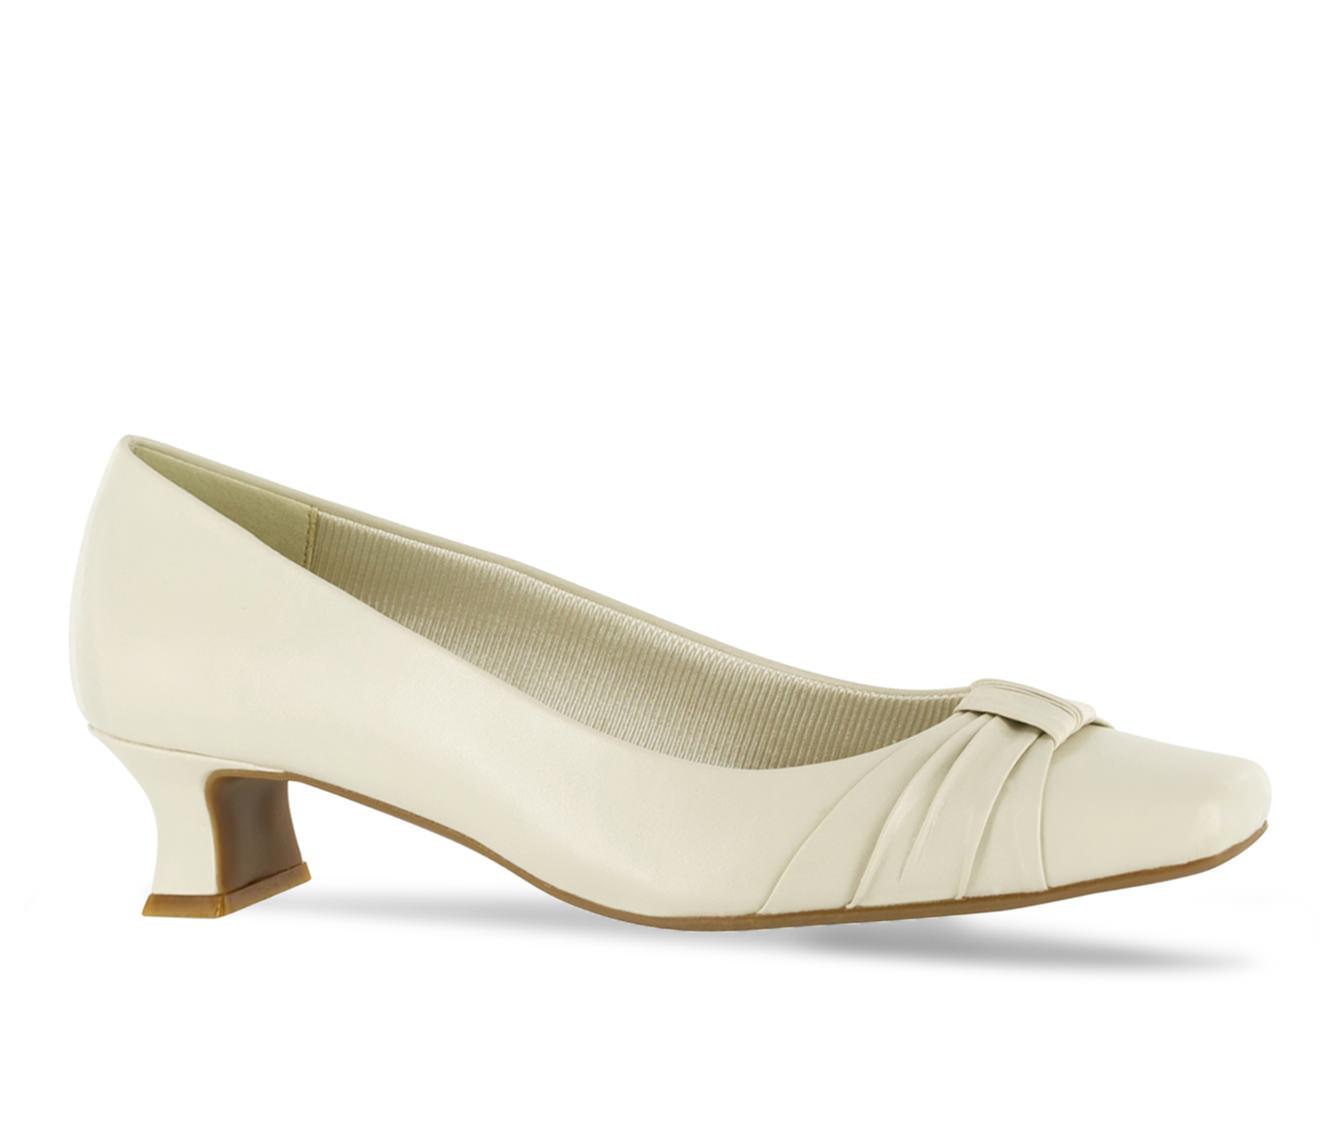 Easy Street Waive Women's Dress Shoe (White Faux Leather)